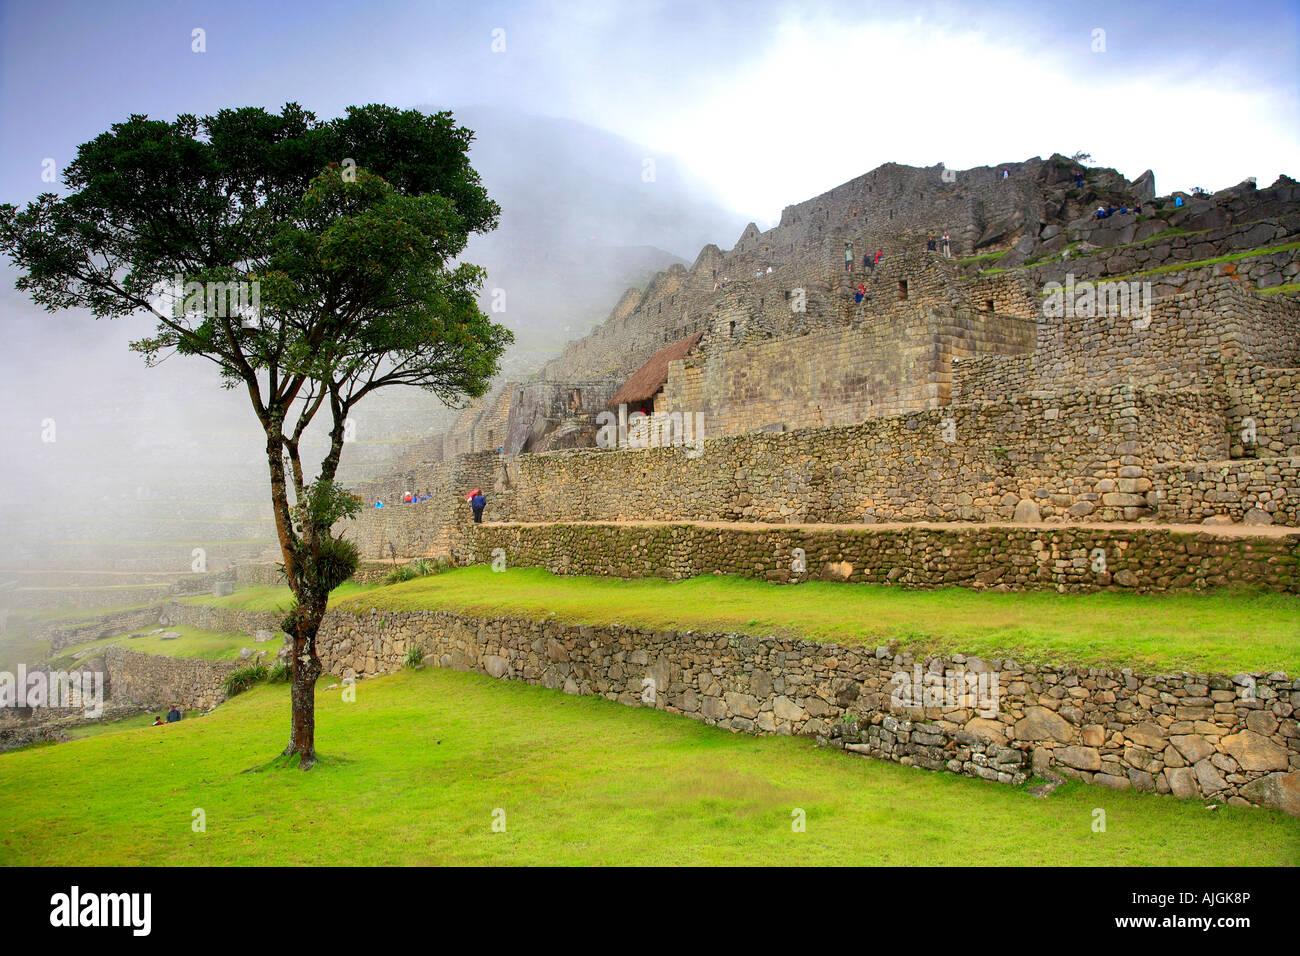 Baum im Morgennebel des städtischen Bereichs der UNESCO World Heritage Site Machu Picchu Peru Anden Südamerikas Stockbild